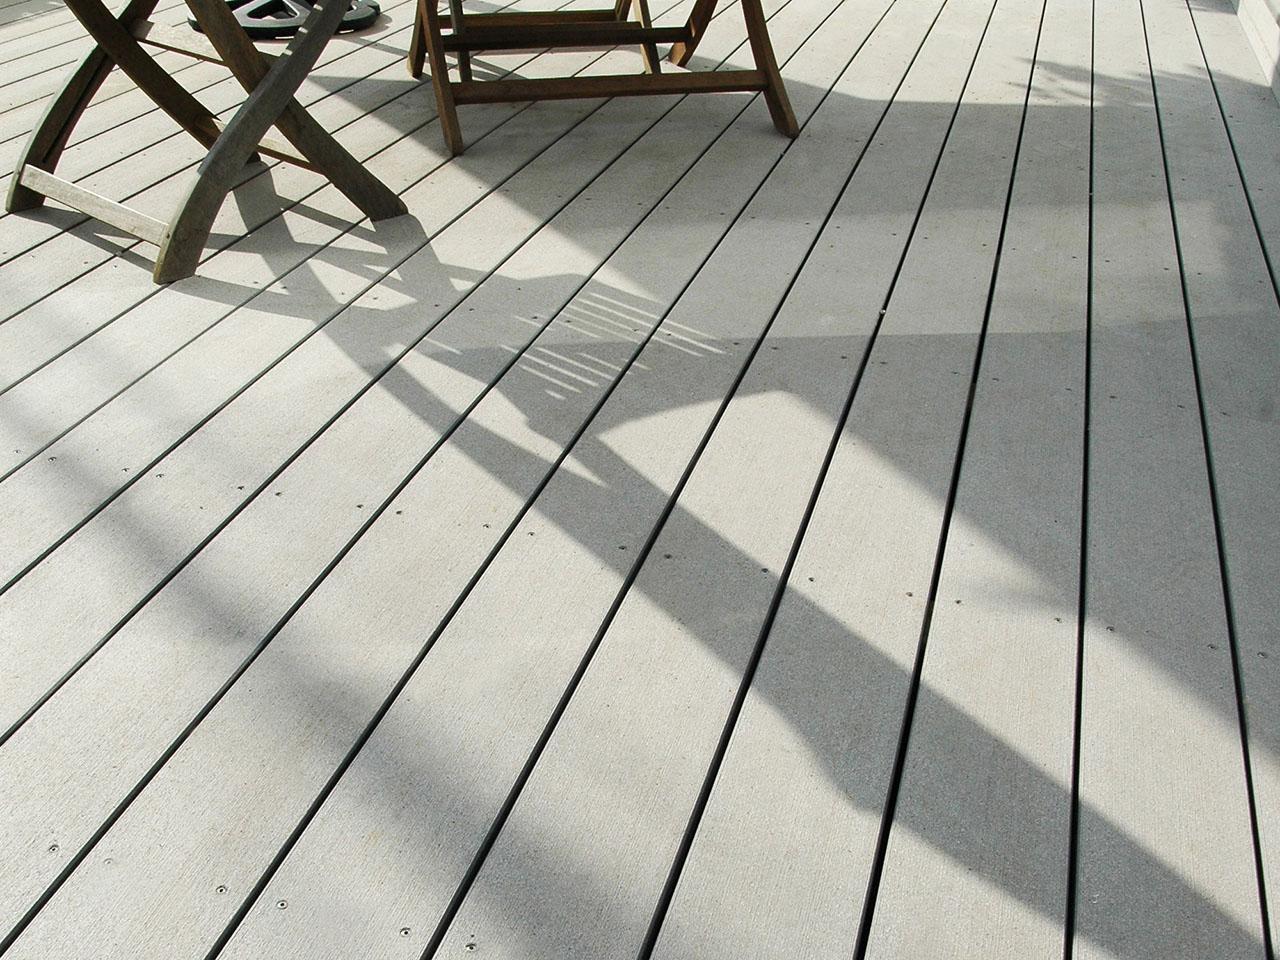 Hellgrauer Bodenbelag auf Balkon im Sonneschein mit Schattenwurf von Gartenmöbeln (Detailausschnitt)